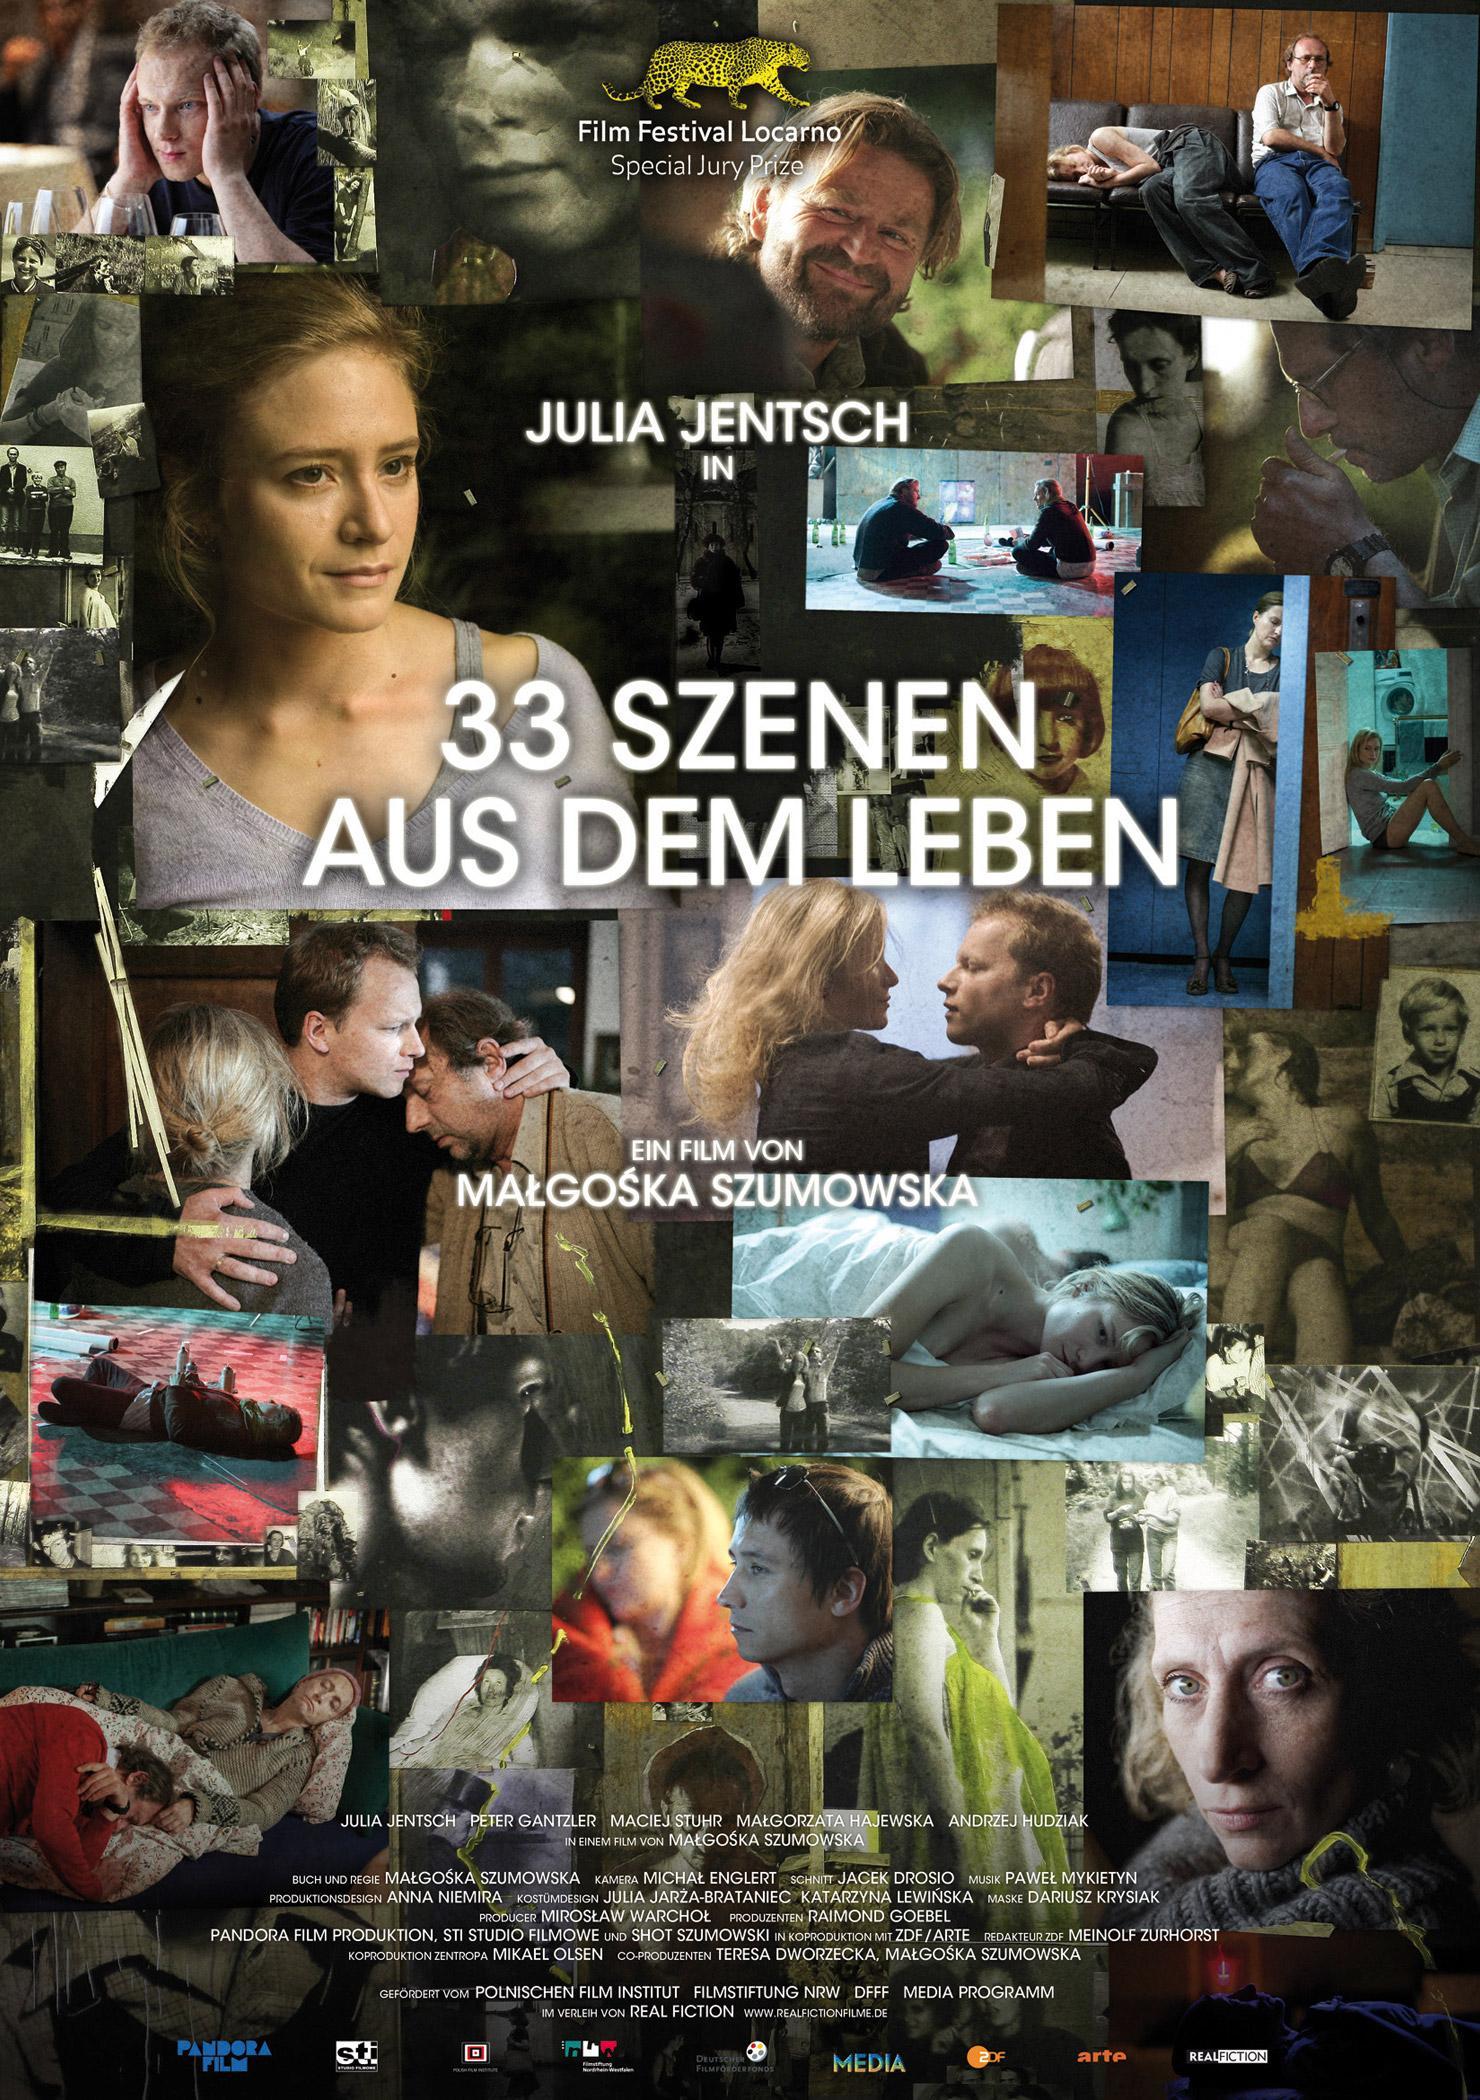 33 Szenen aus dem Leben (Poster)